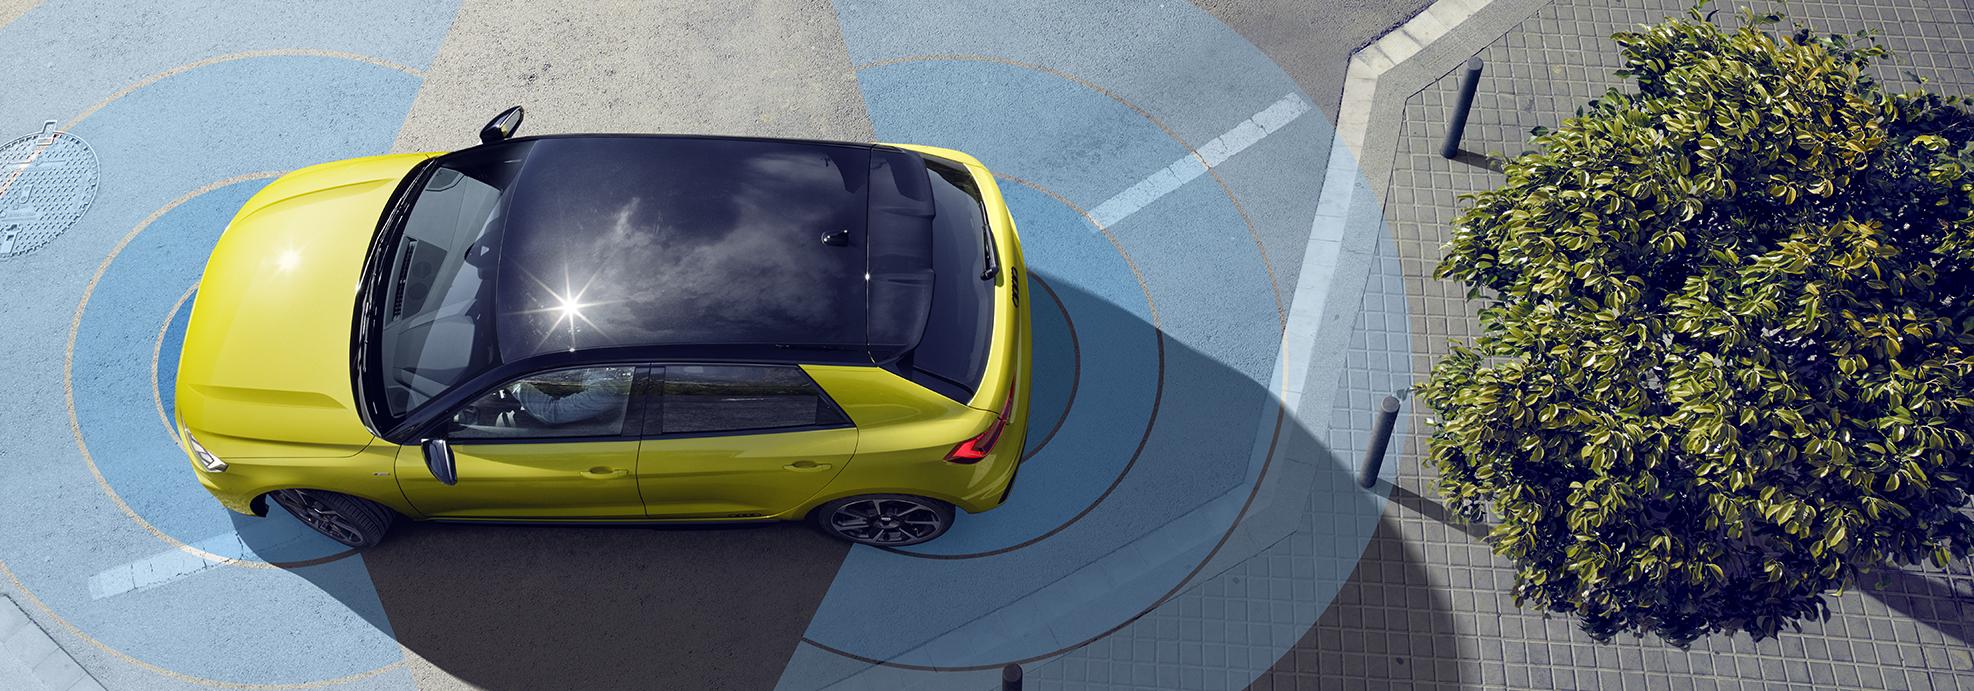 Rumen Audi na cesti kjer so narisani modri polkrogi. Na desni strani slike manjše drevo